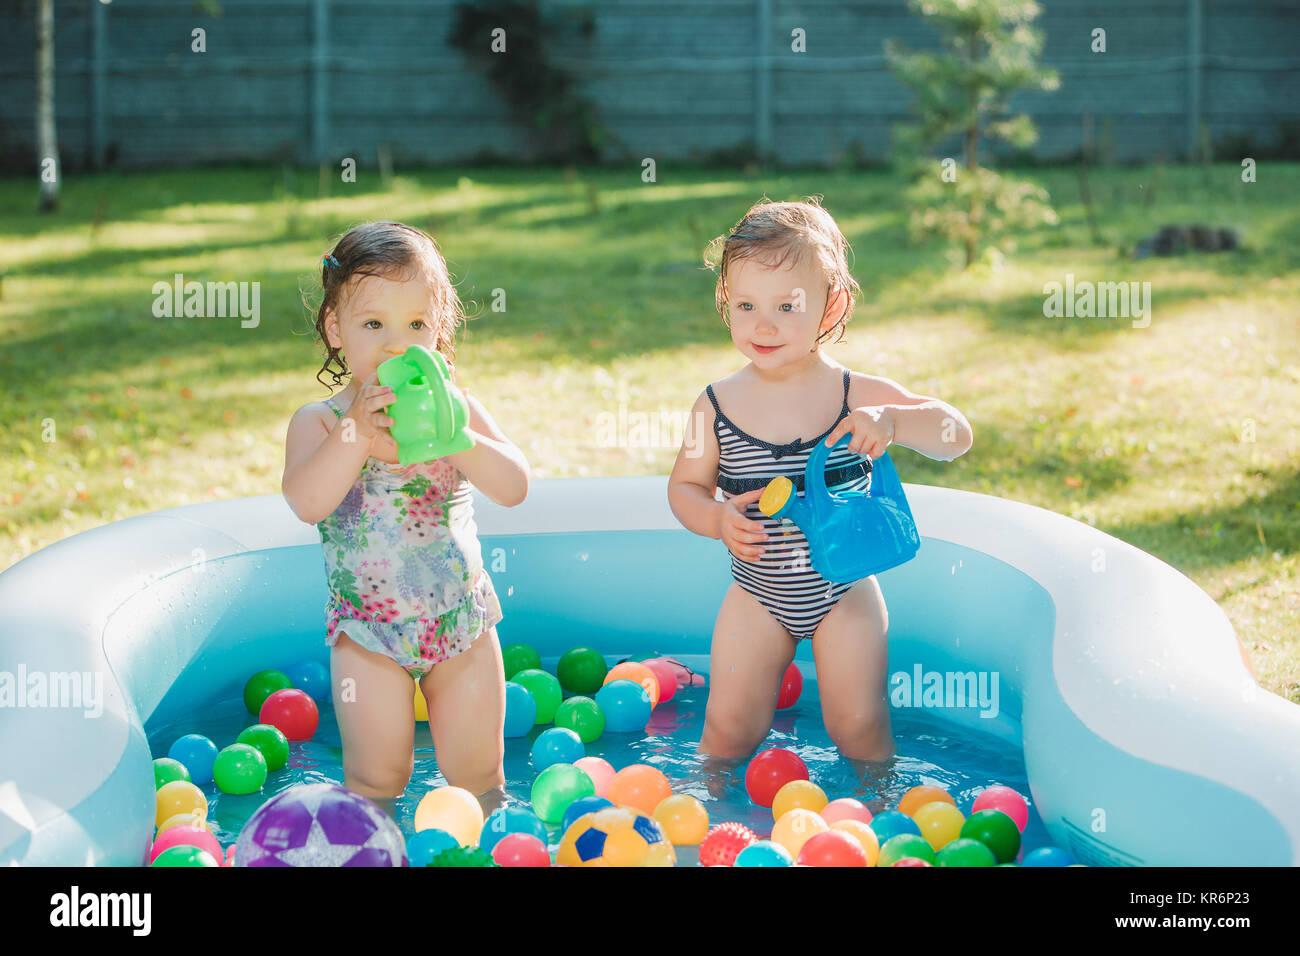 Die beiden baby wenig mädchen spielen mit spielzeug in